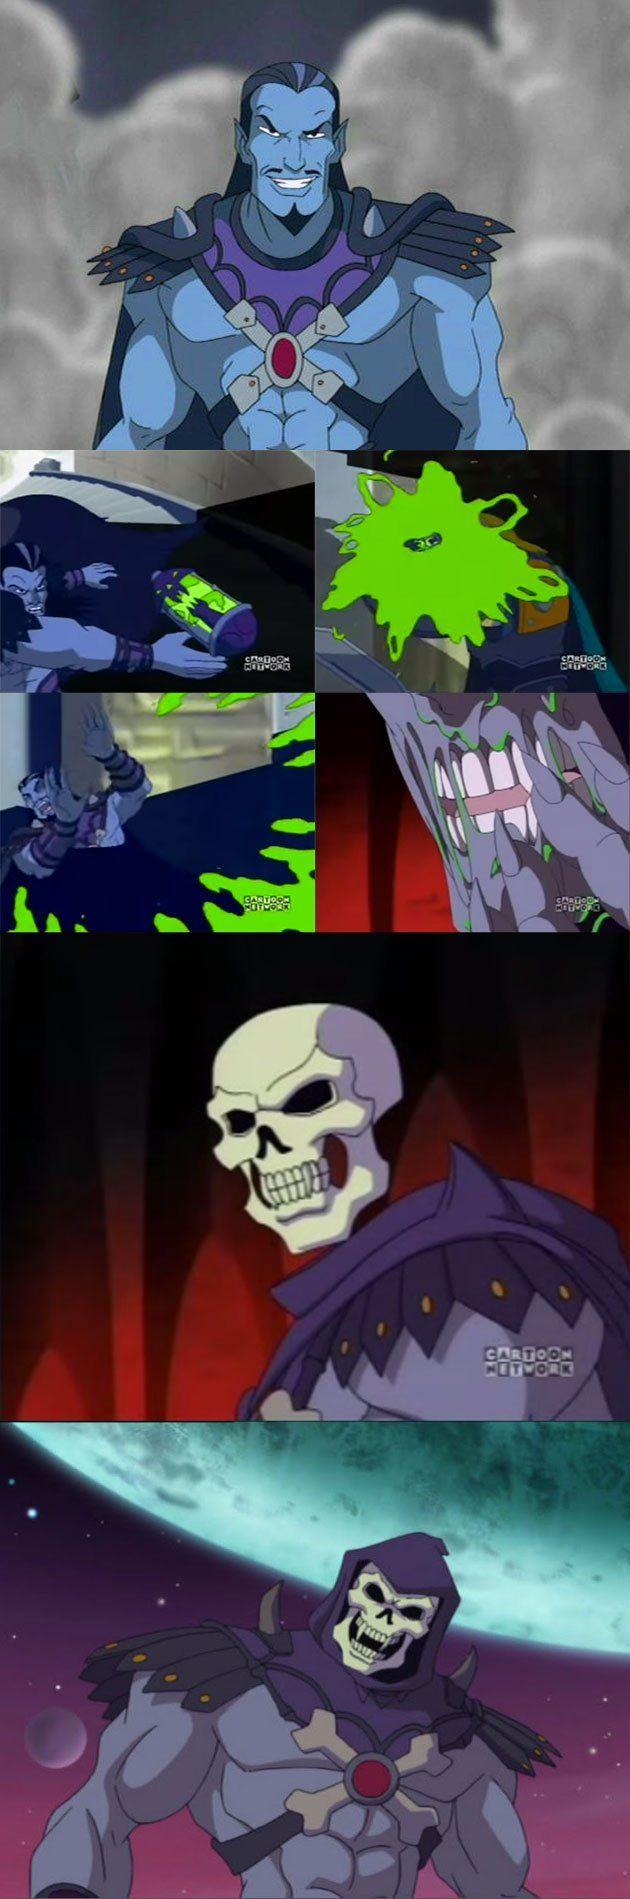 Skeletor 2002  http://www.animasan.com.br/man-skeletor-conheca-origem-musculoso-esqueleto-de-man/